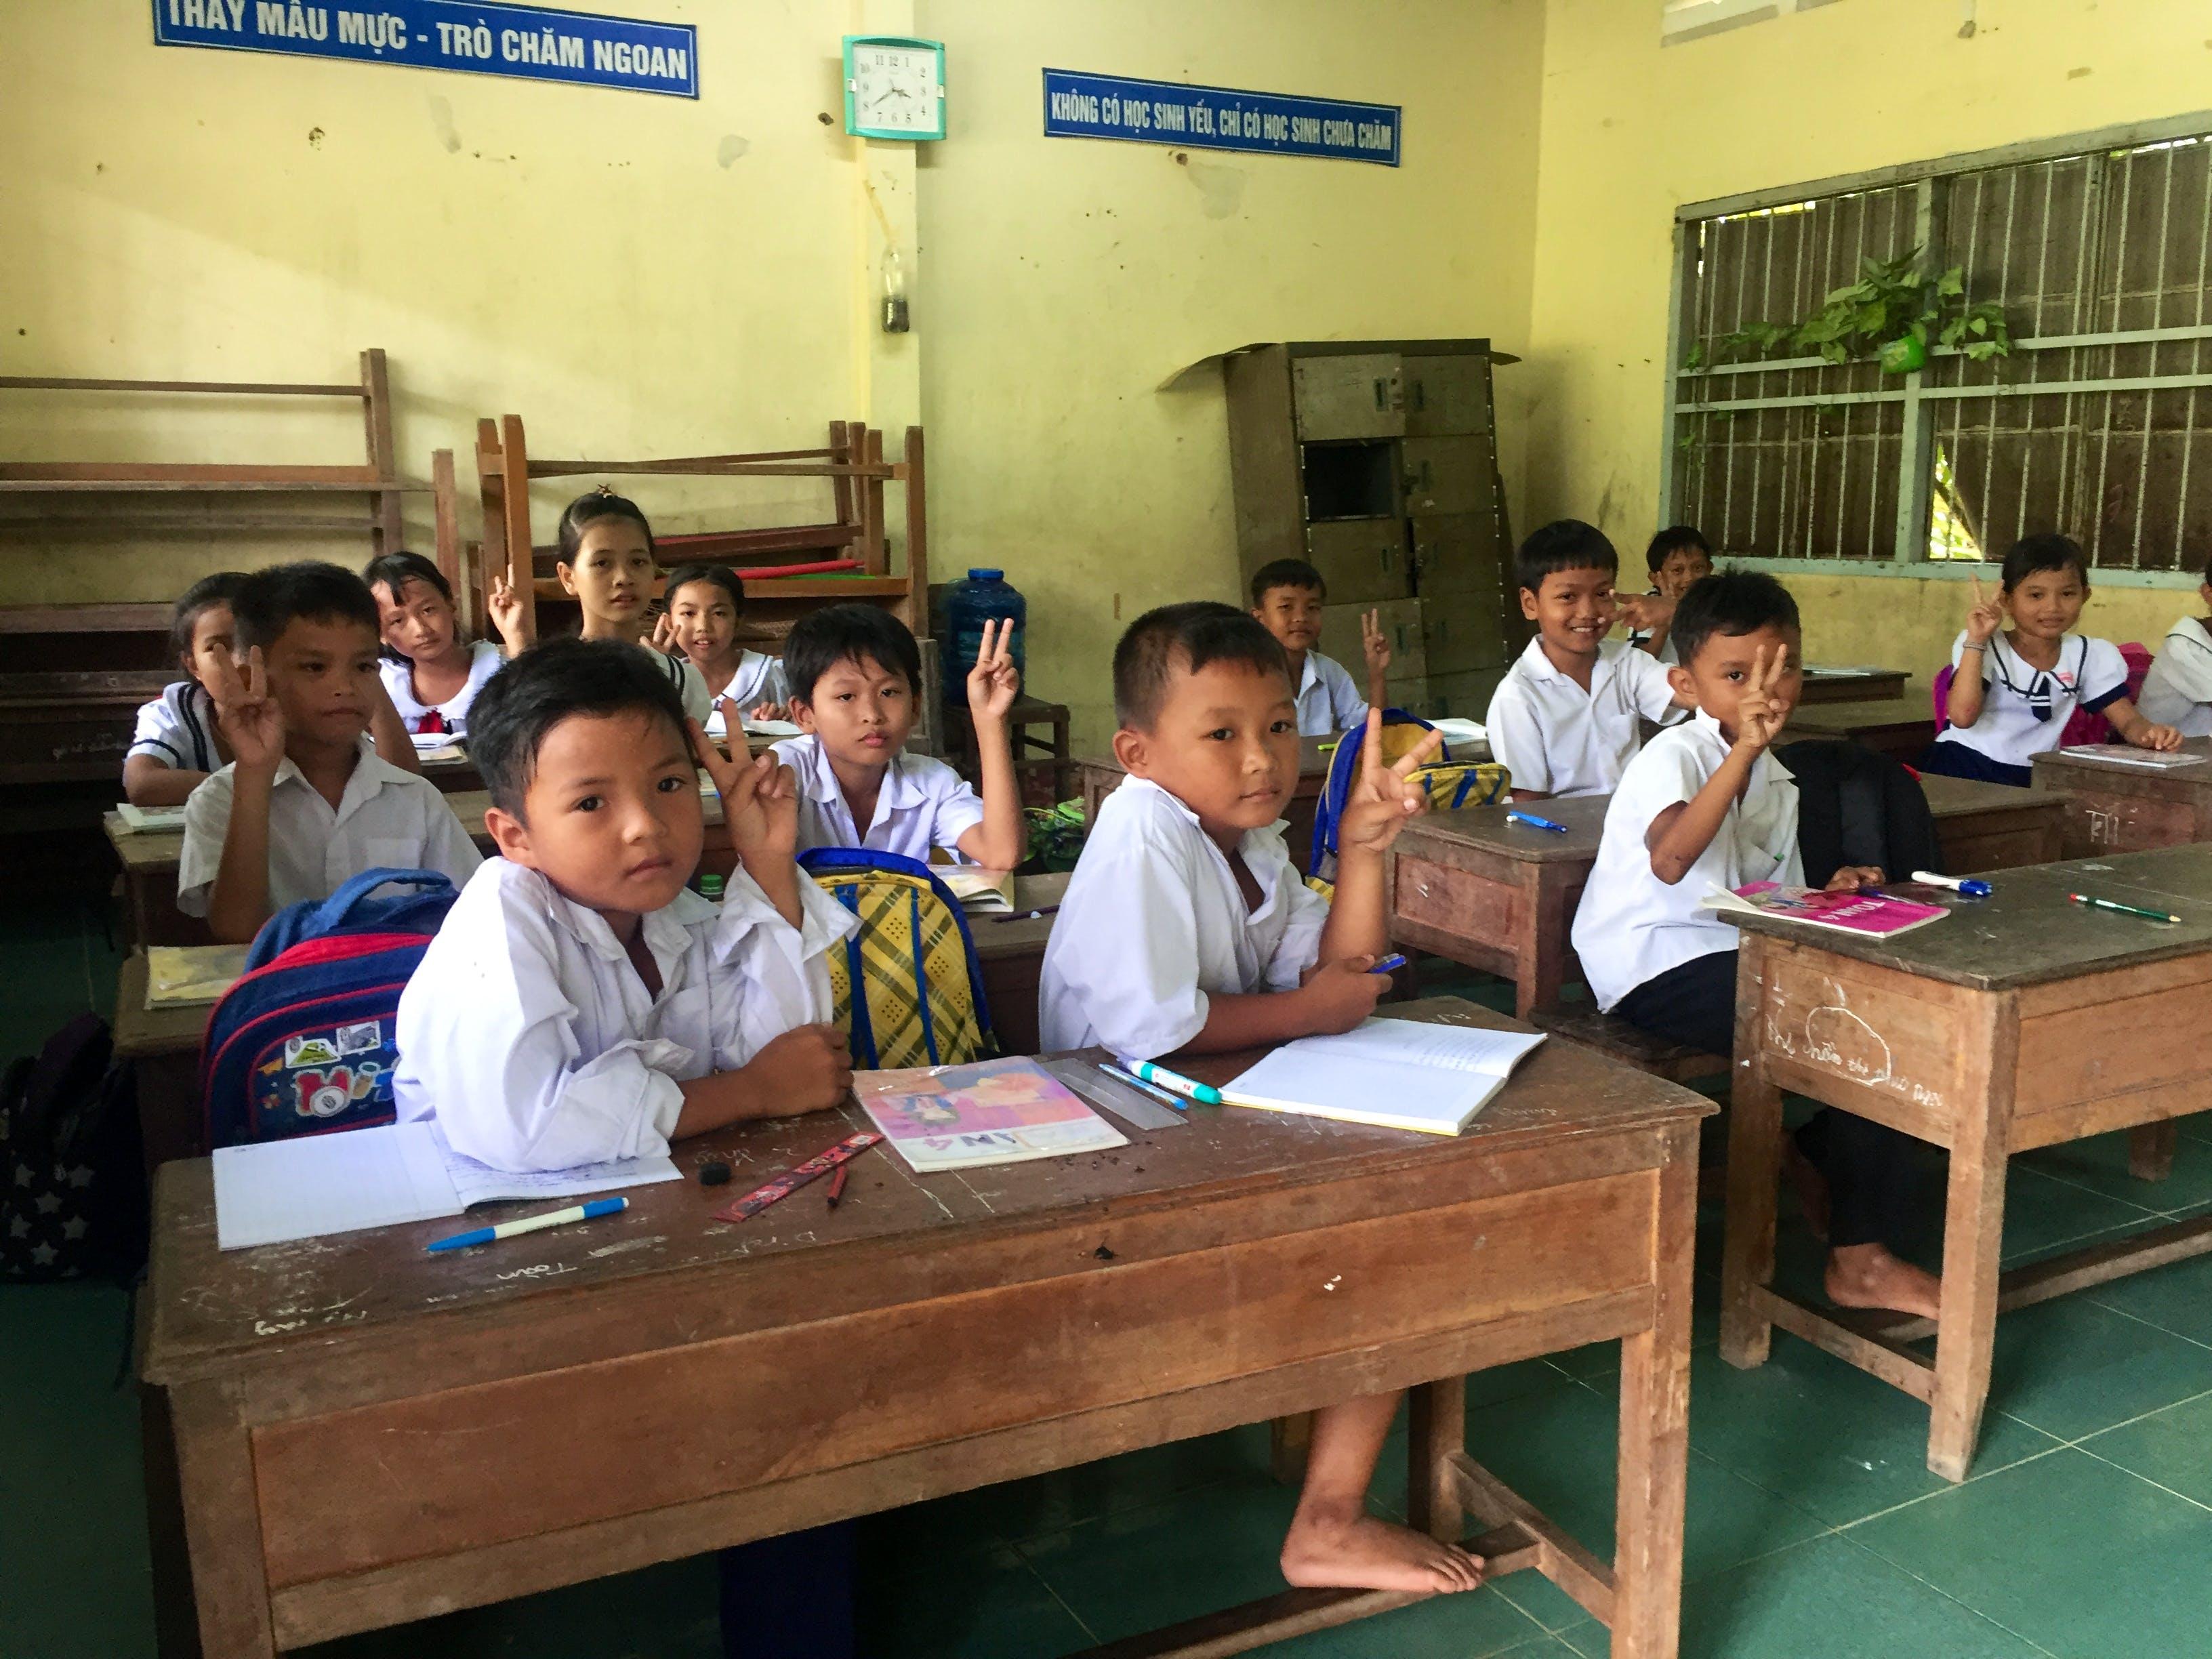 Teach underprivileged children in Mekong Delta